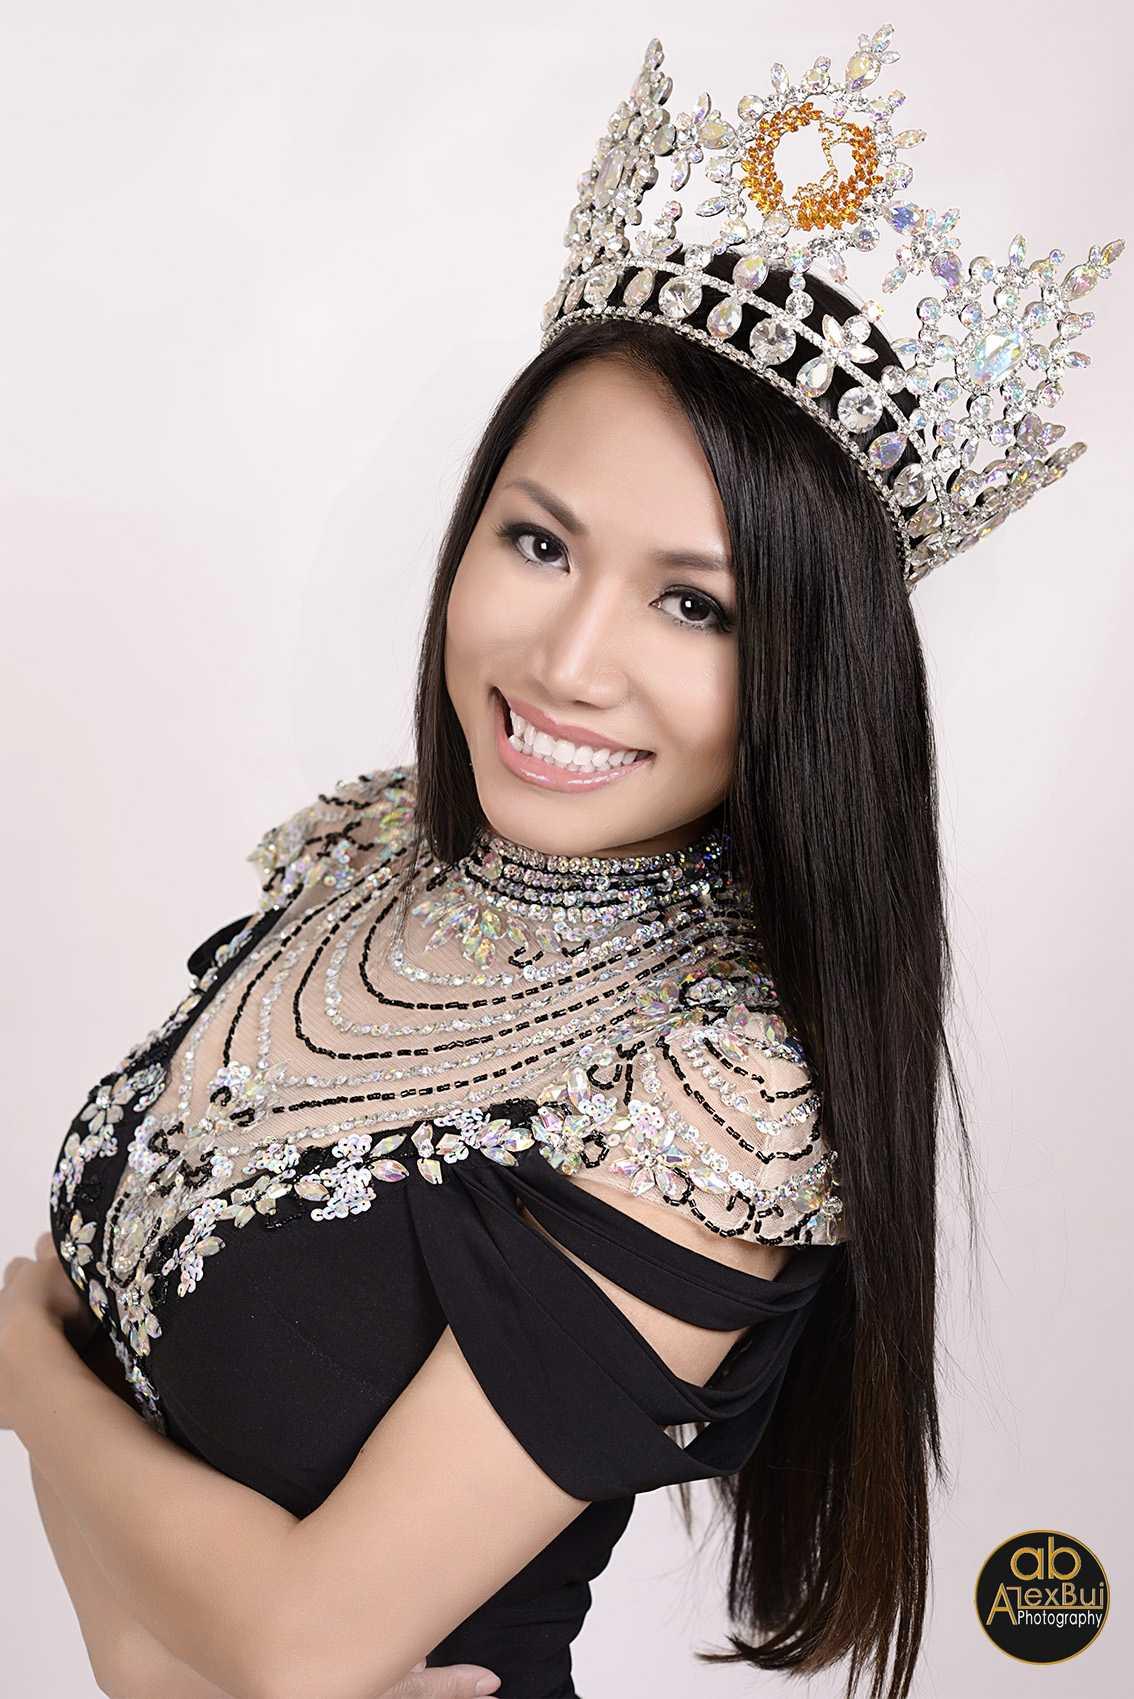 Kelly Trang Trần là hoa hậu quý bà Việt Nam Los Angeles 2009, Hoa hậu quý bà quốc tế tại Mỹ 2013.